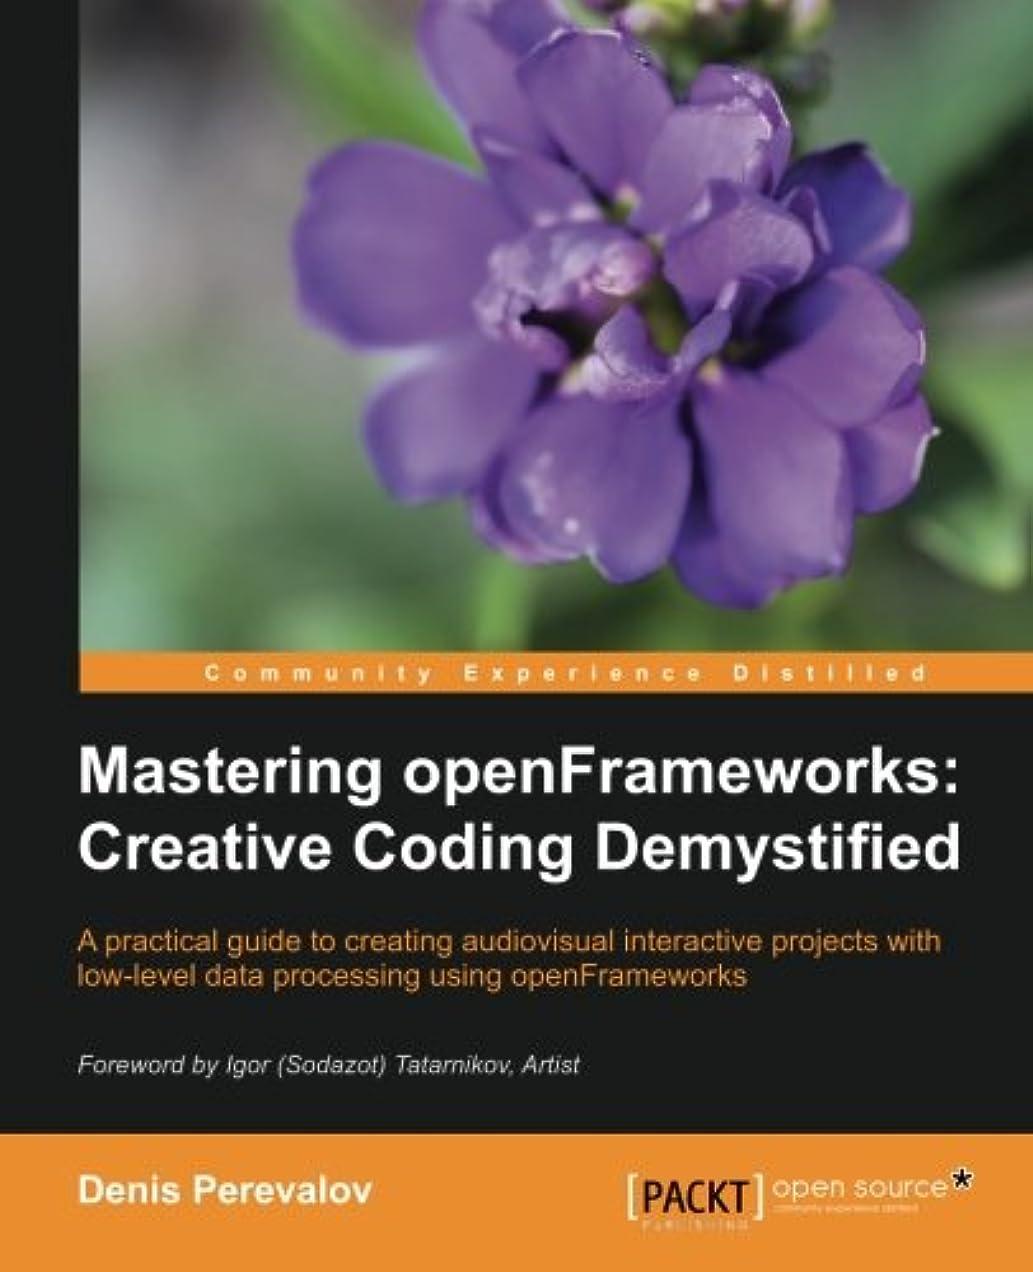 ランク待つ国Mastering openFrameworks: Creative Coding Demystified: A Practical Guide to Creating Audiovisual Interactive Projects with Low-Level Data Processing Using openFrameworks